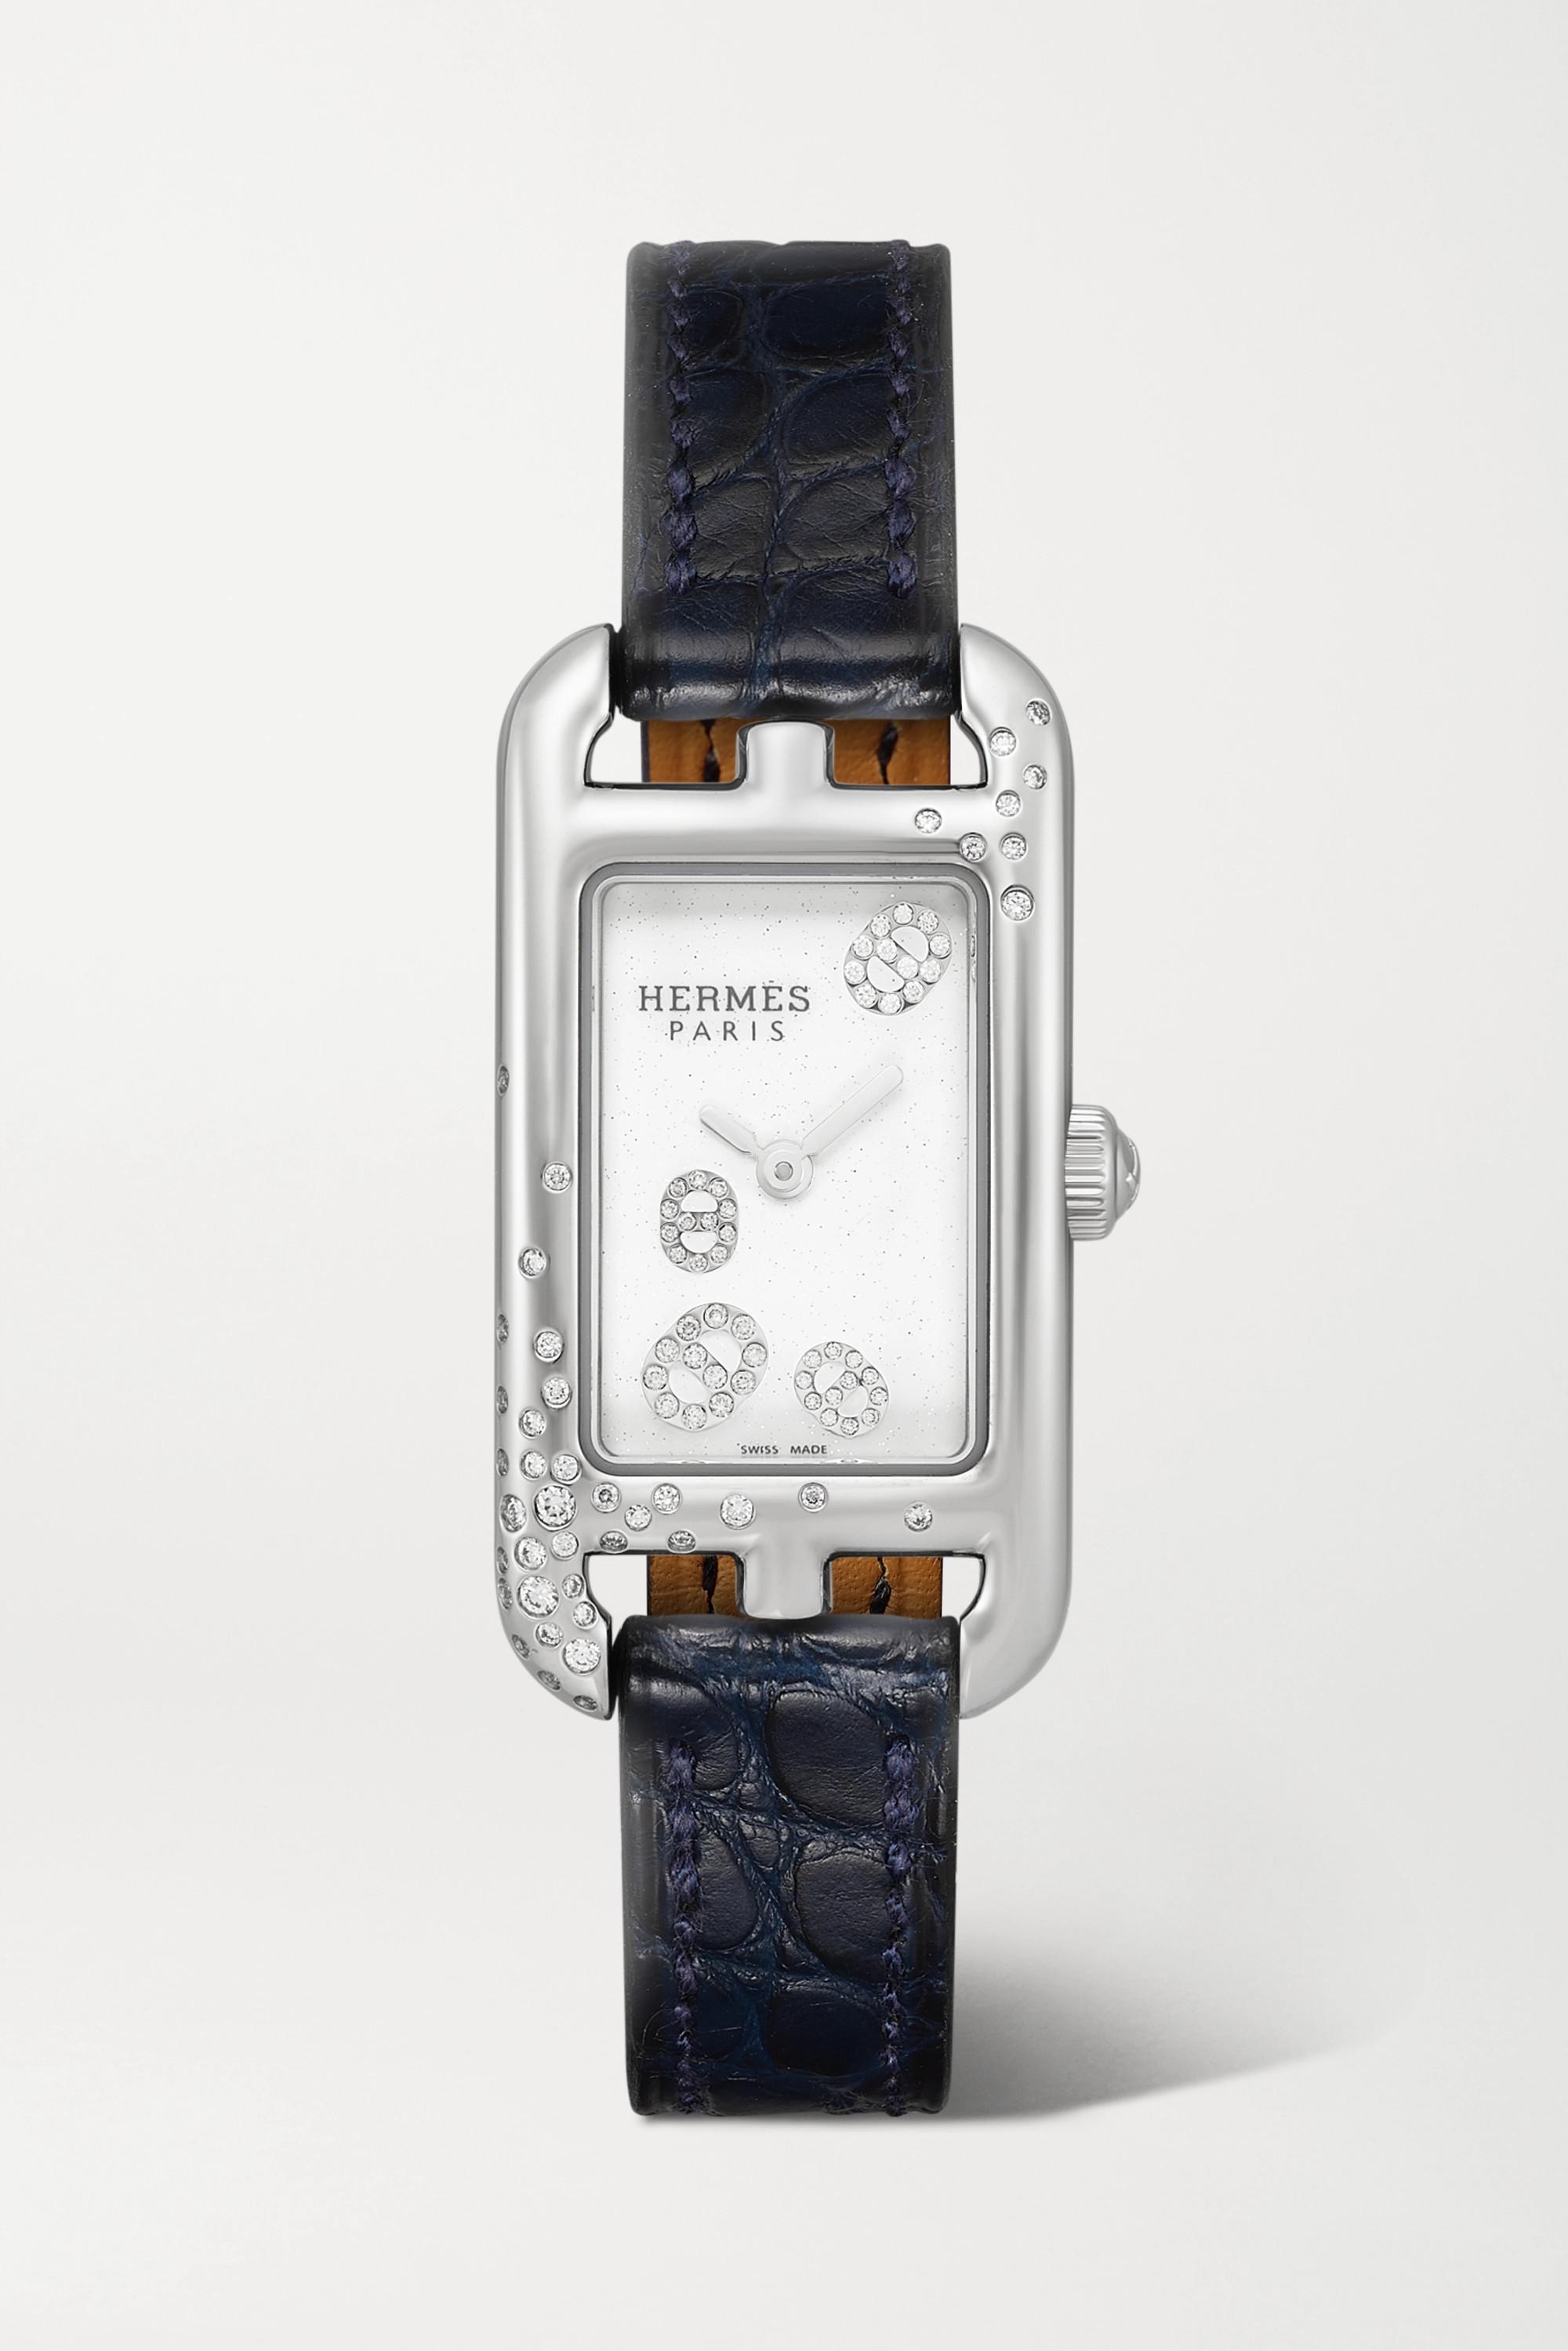 Hermès Timepieces Montre en acier inoxydable et diamants à bracelet en alligator Nantucket Very Small 17 mm